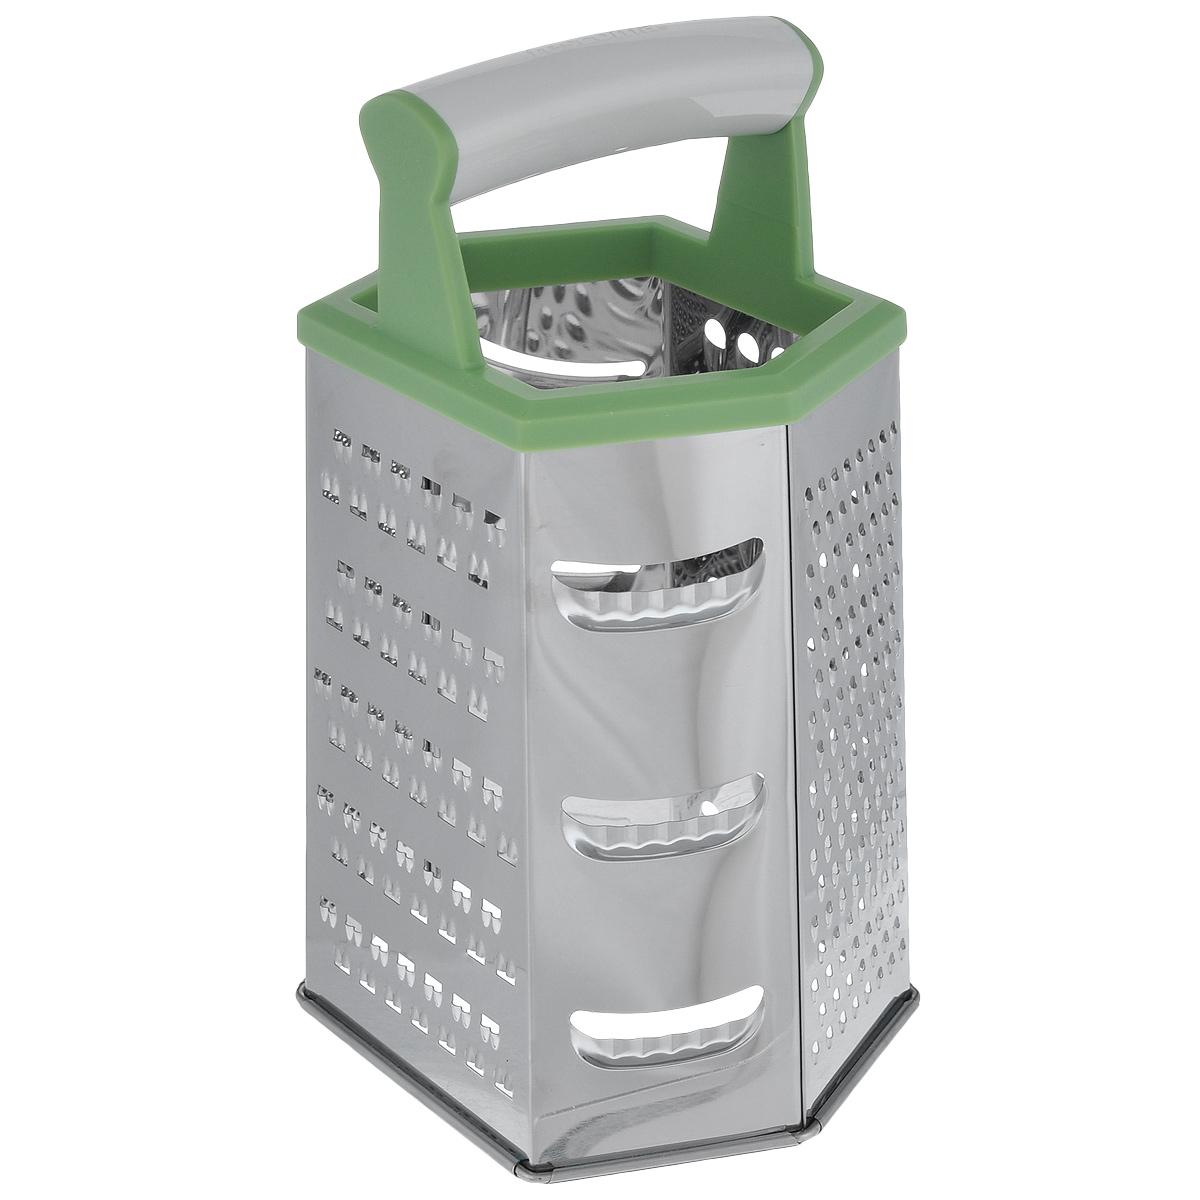 Терка шестигранная Tescoma Handy, цвет: зеленый, высота 22 см643784_зеленыйШестигранная терка Tescoma Handy, выполненная из высококачественной нержавеющей стали с зеркальной полировкой, станет незаменимым атрибутом приготовления пищи. Сверху на терке расположена удобная пластиковая ручка. Терка замечательна для простого и быстрого измельчения и нарезки продуктов на ломтики. На одном изделии представлены шесть видов терок - крупная, мелкая, терка для овощных пюре, фигурная, шинковка и шинковка фигурная. Современный стильный дизайн позволит терке занять достойное место на вашей кухне. Можно мыть в посудомоечной машине.